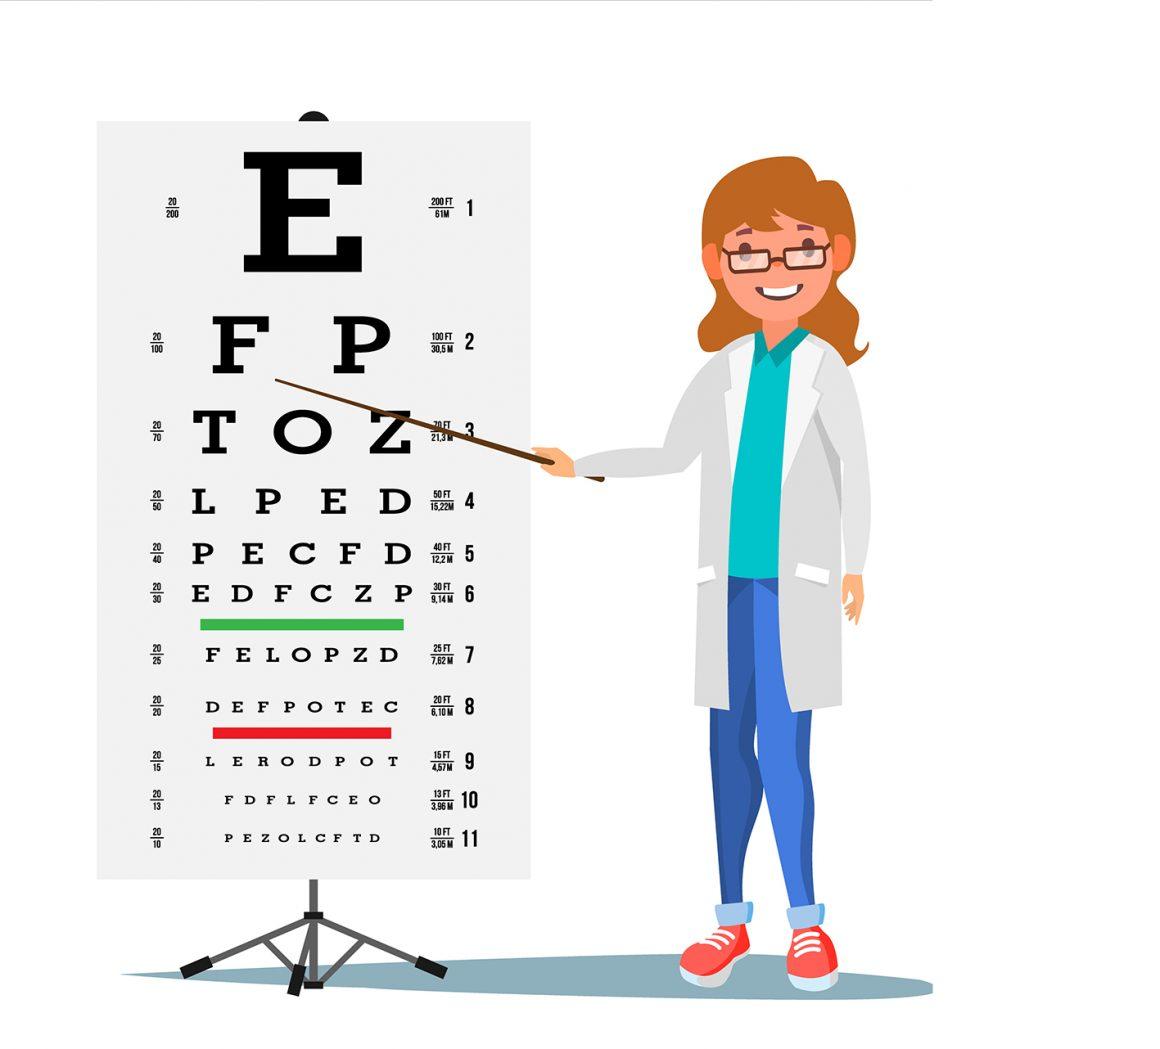 (Castellano) La consulta oftalmológica